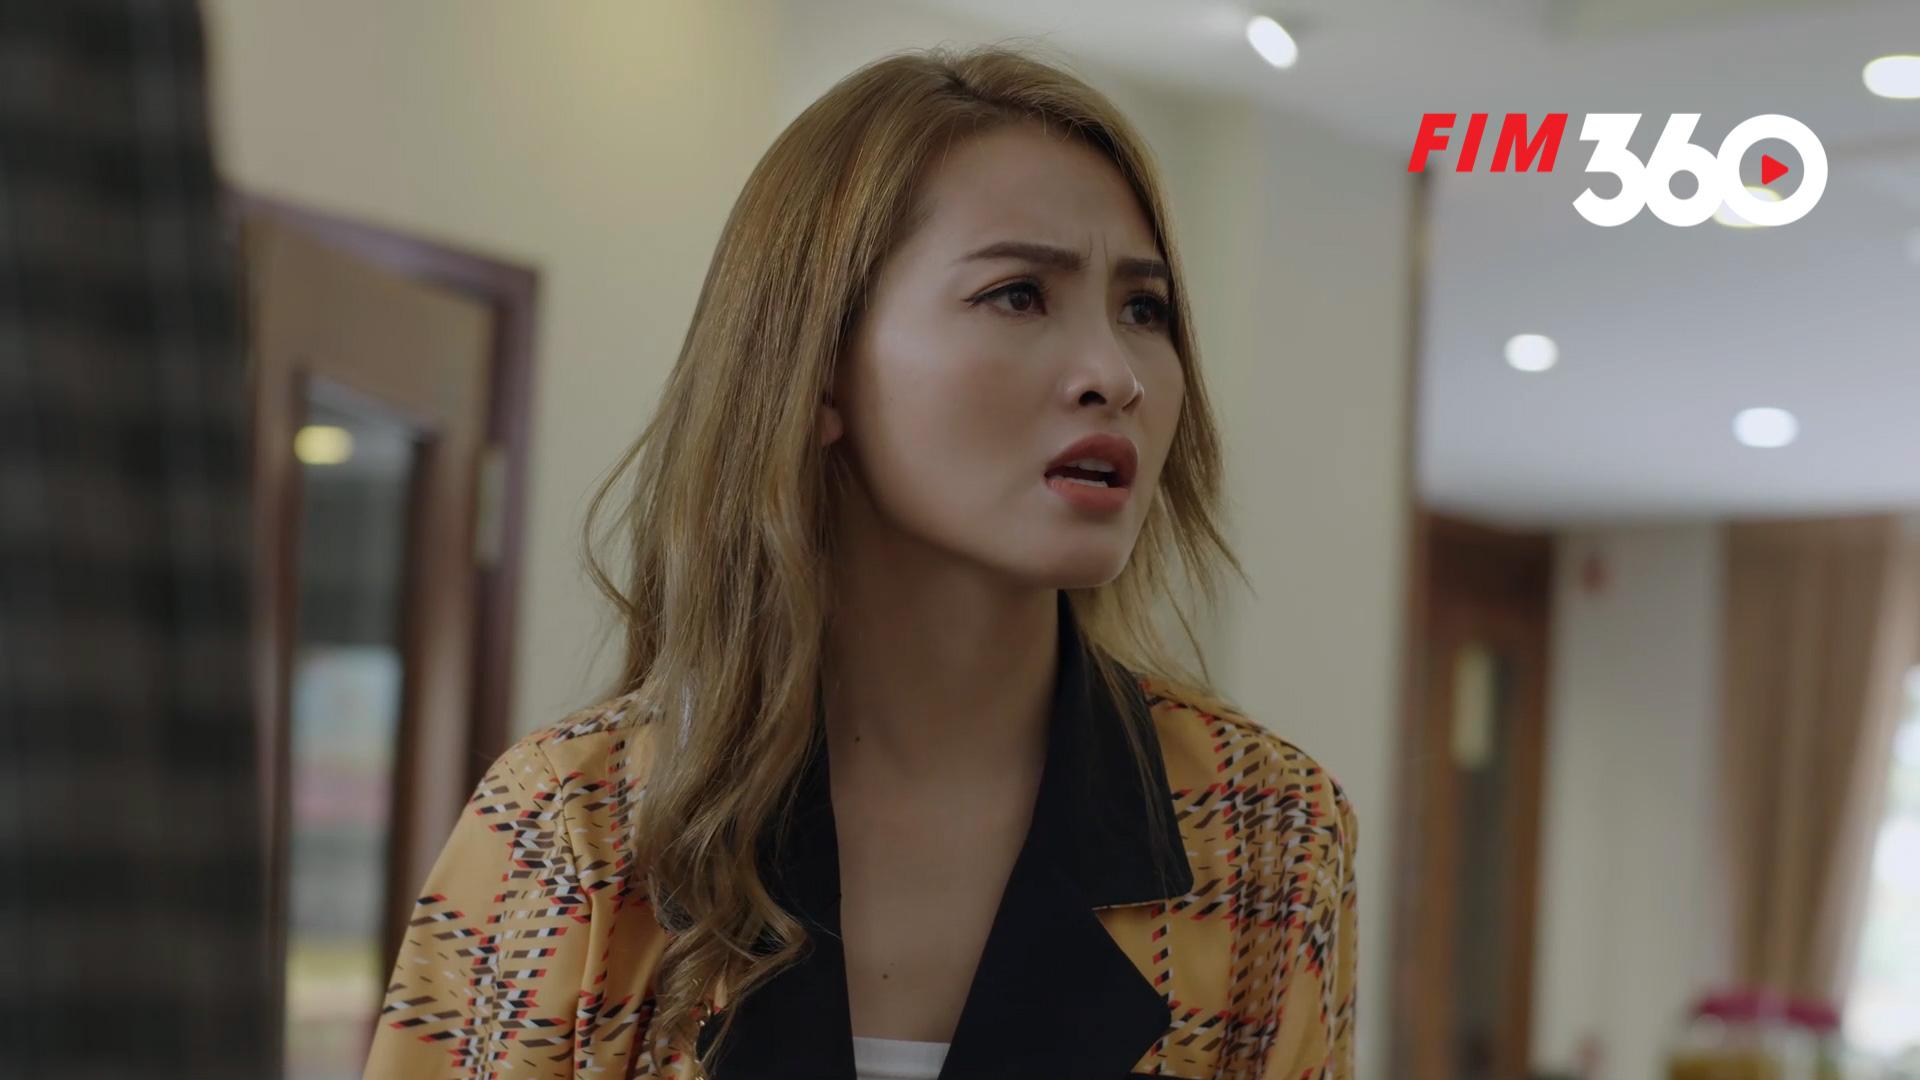 Ông Tôn 'lật bài ngửa', tuyên bố Huấn không thể cướp lấy Hà Vy trong tập 36 'Mặt nạ hạnh phúc' 13